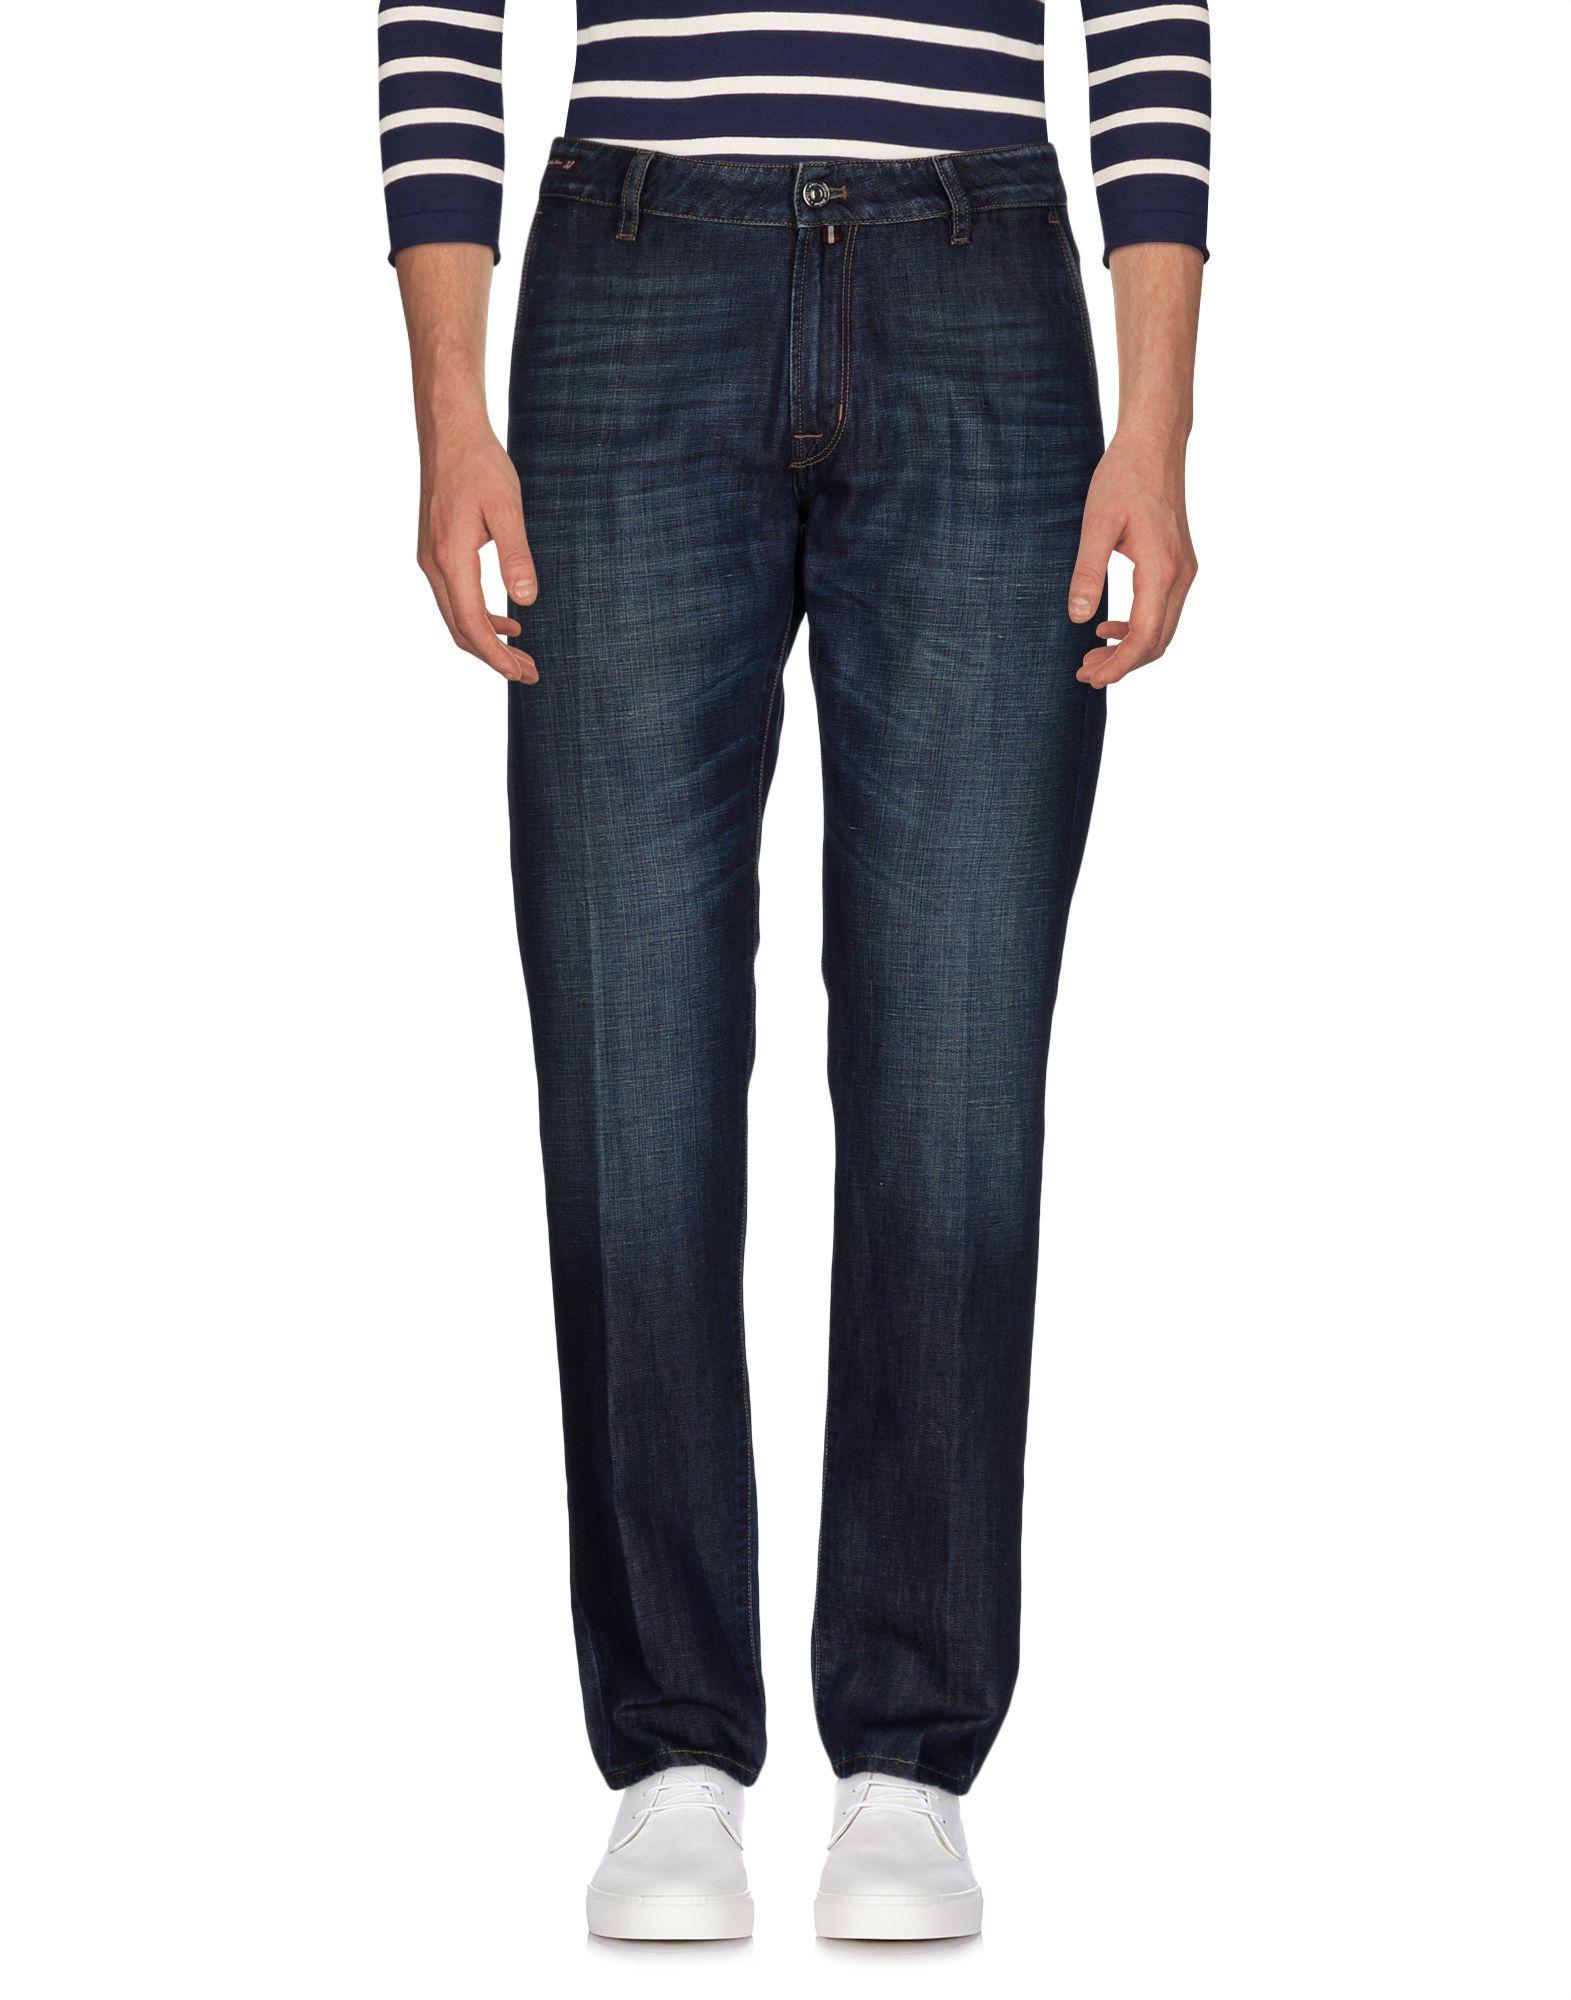 Pantaloni Pantaloni Jeans Pt05 uomo - 42561947NR  neuer Stil